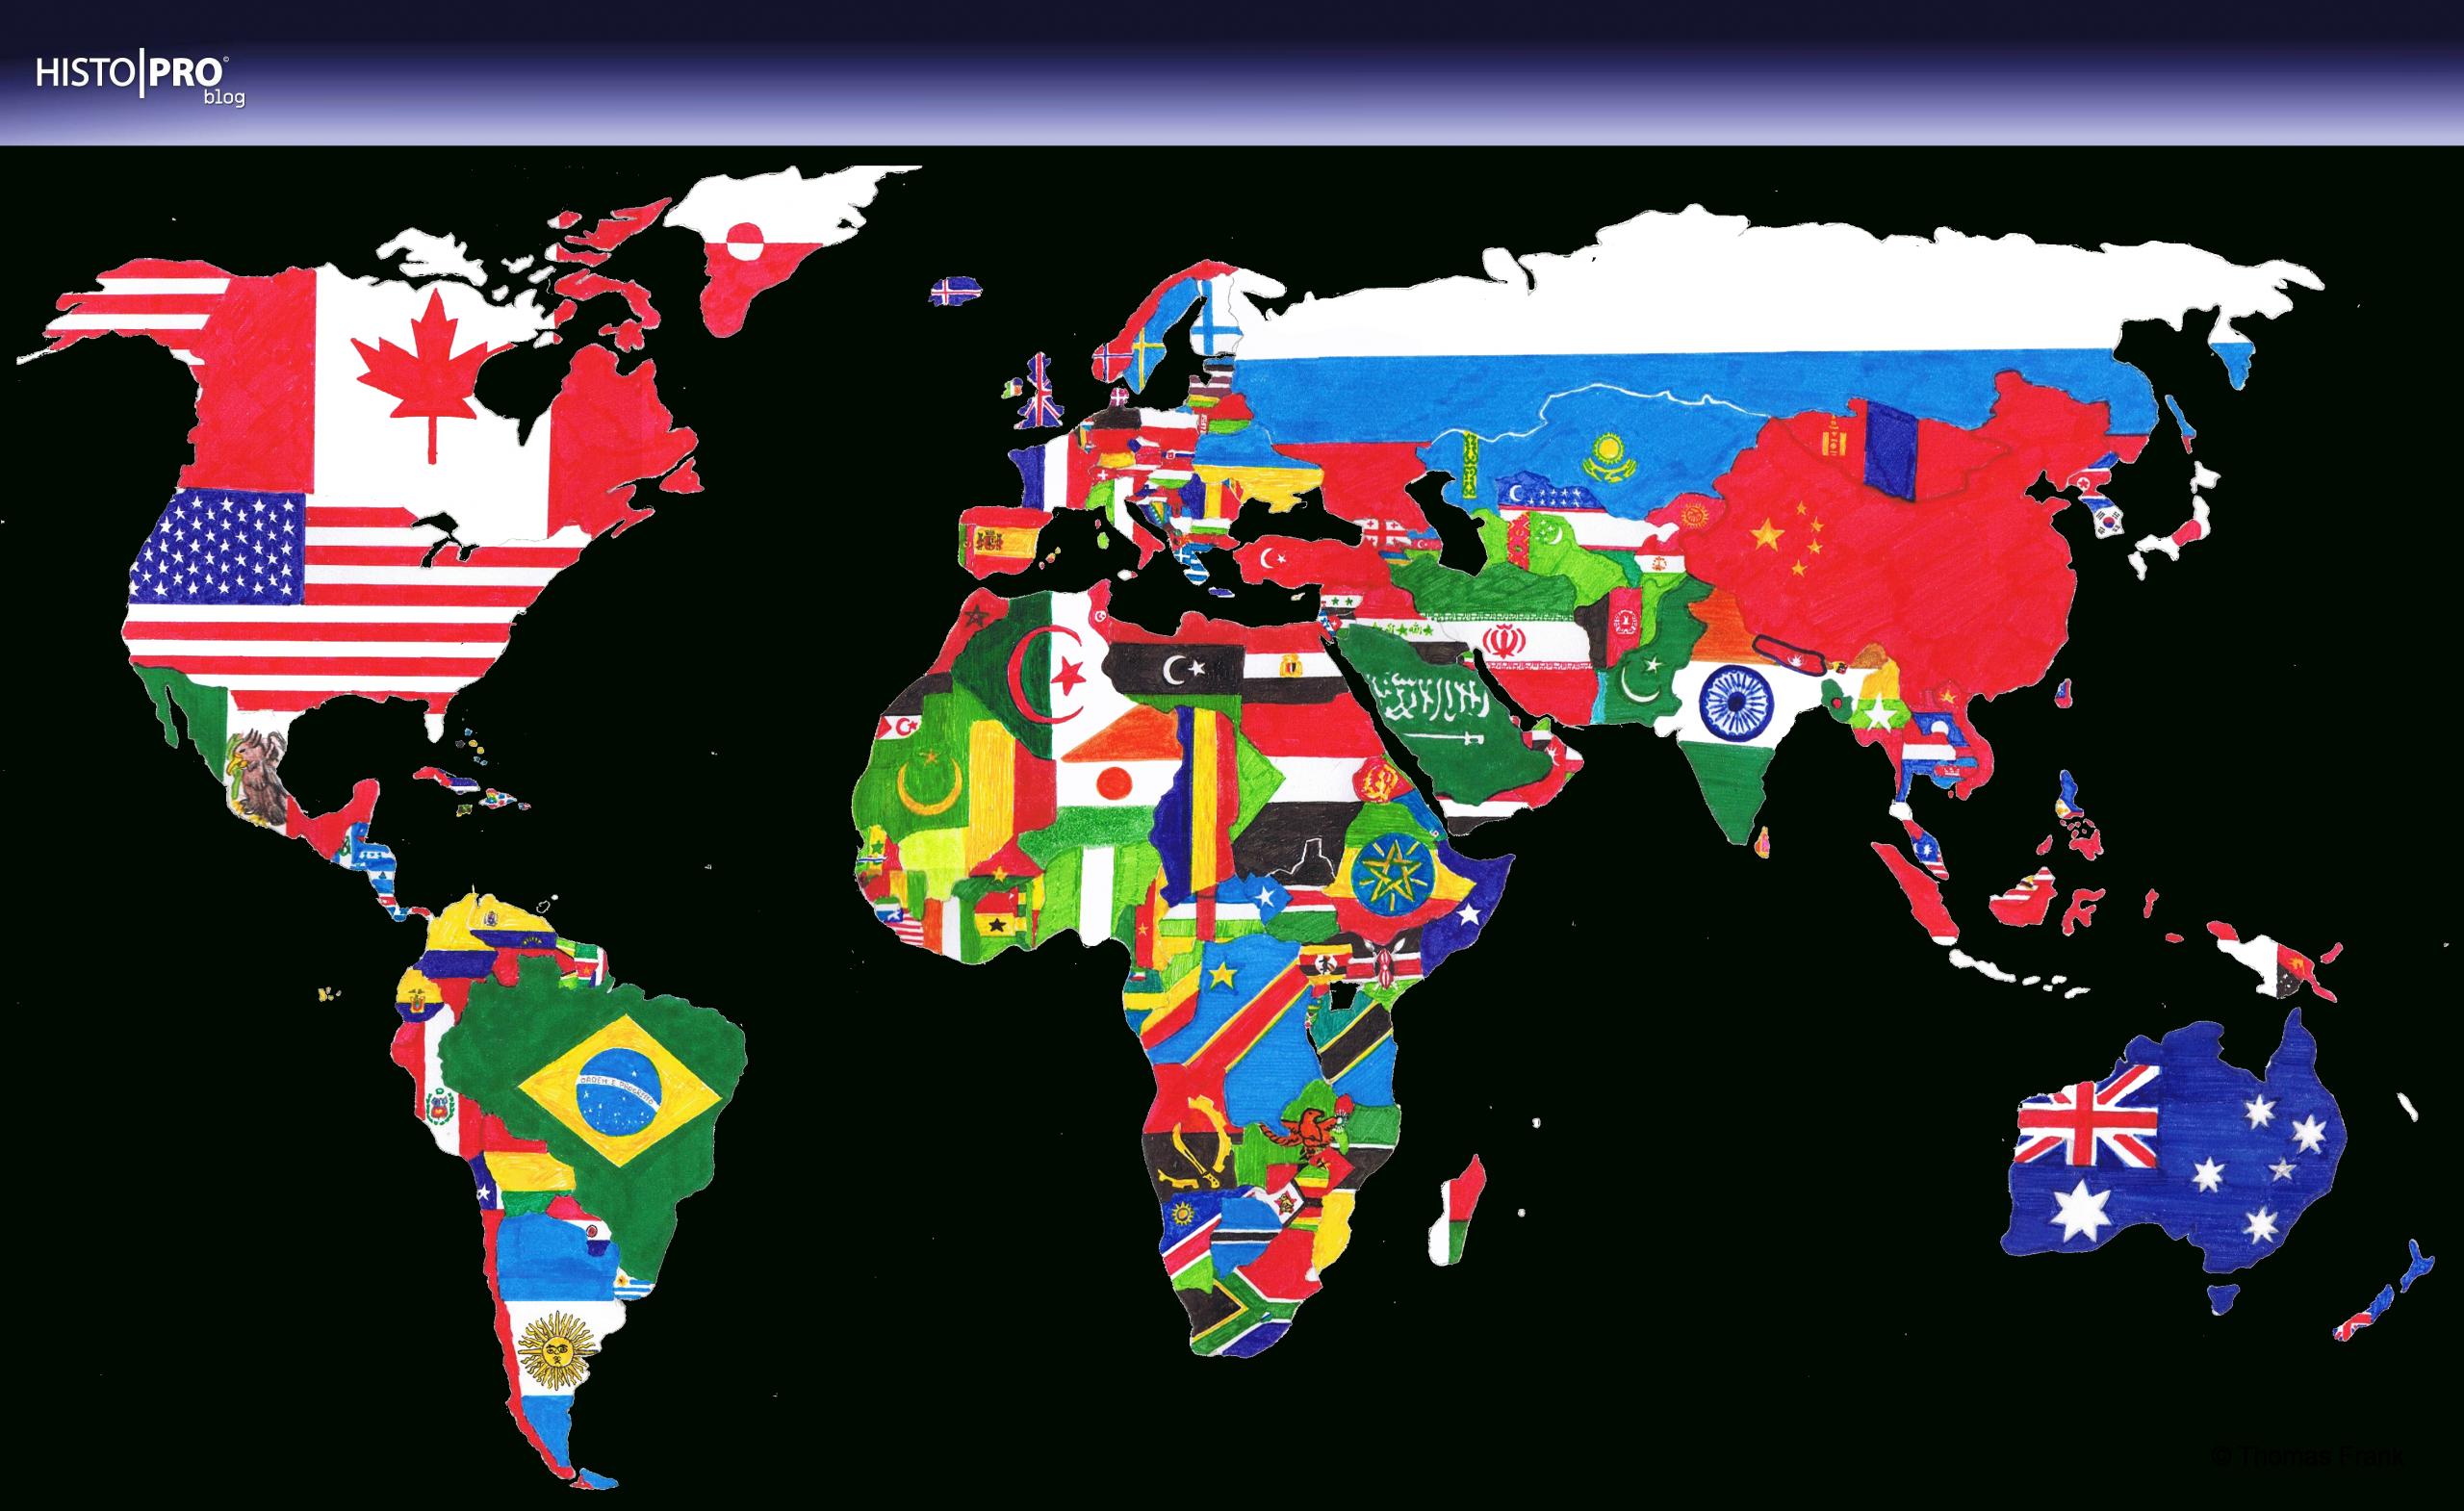 Download: Gemalte Weltkarte Von Thomas Frank | Histoproblog bestimmt für Weltkarte Mit Flaggen